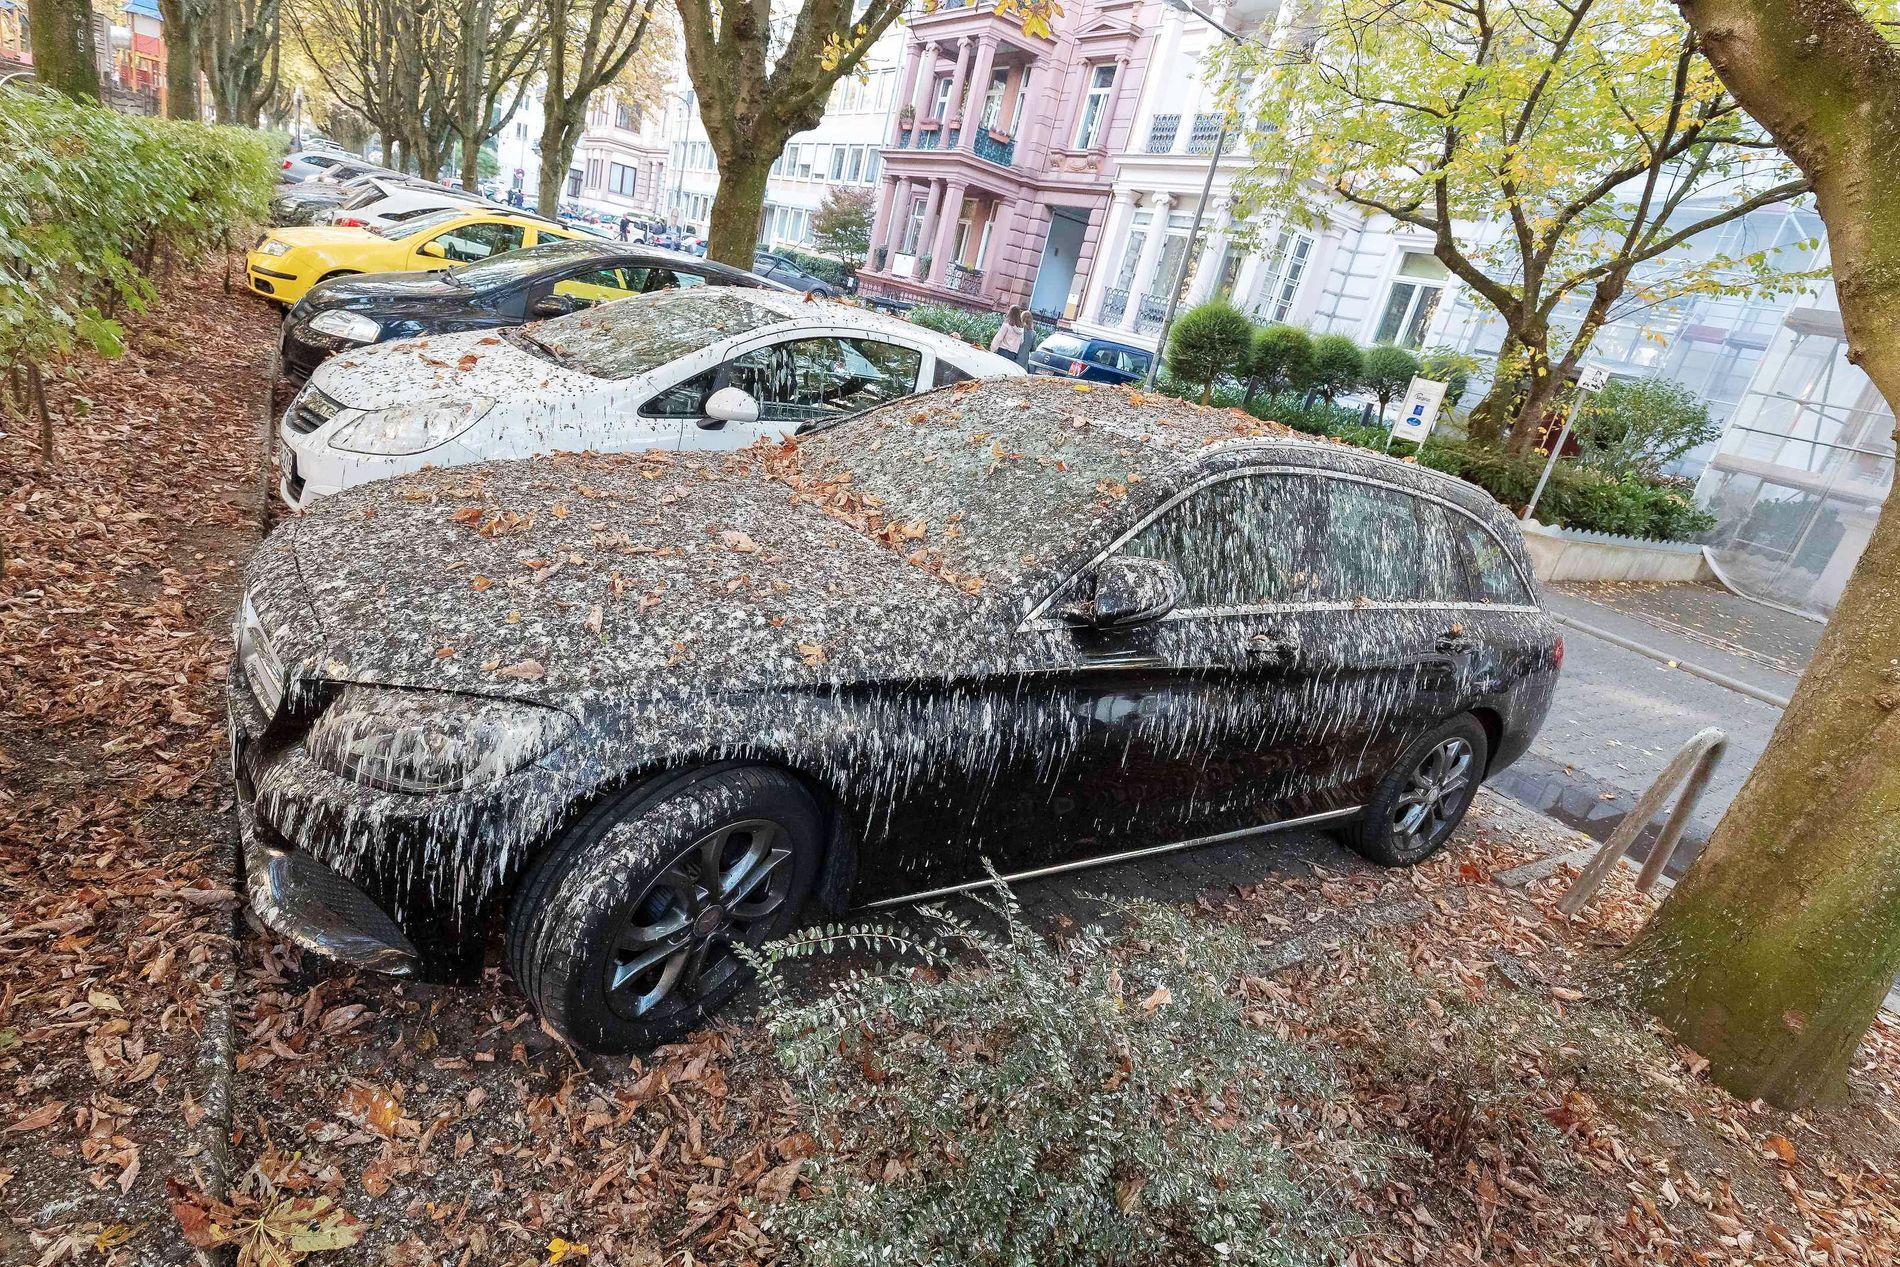 HOLY SHIT: Det er ikke snø eller bare godt gammelt skittvær som har rammet bilene i Wiesbaden. Det er fugleskitt.